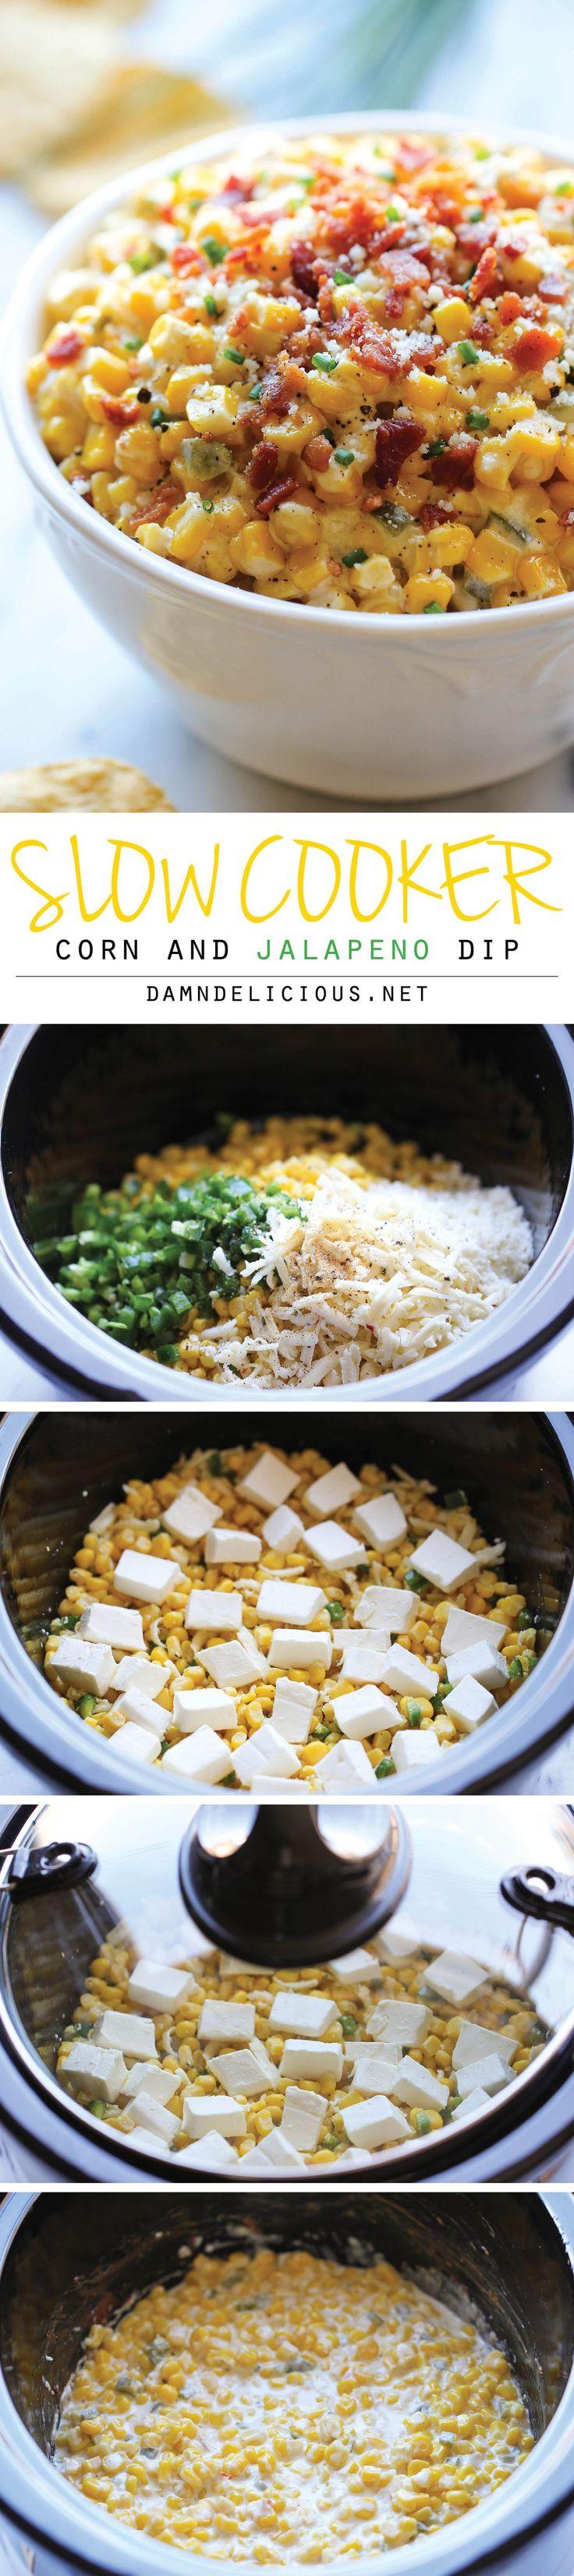 Slow Cooker Corn and Jalapeño Dip